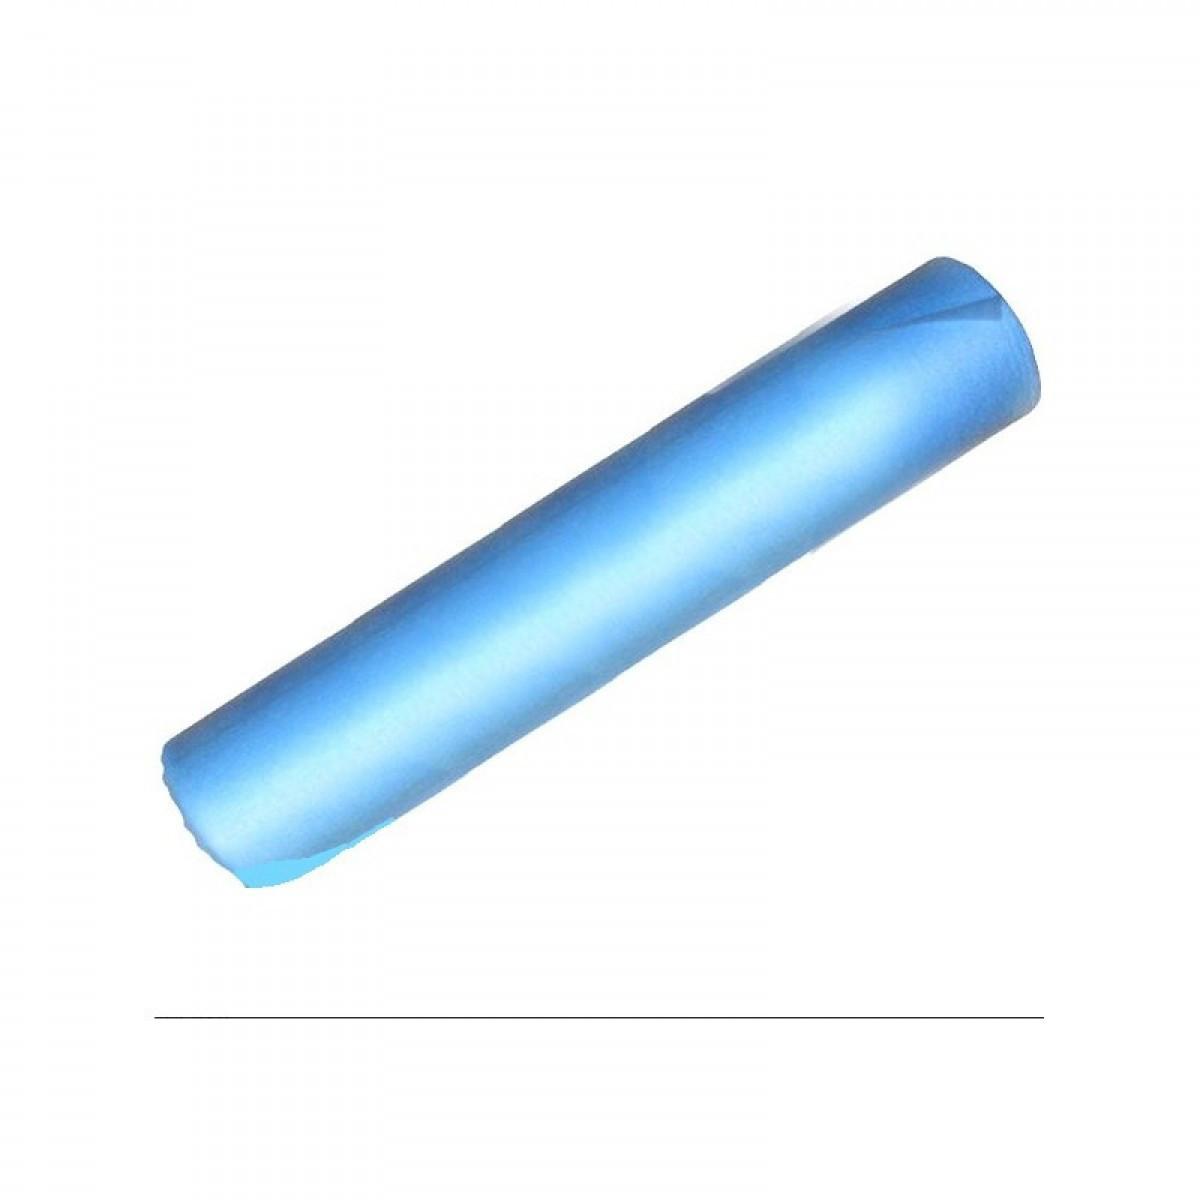 Простынь одноразовая темно-голубая 17-19 г/м2 ширина 800мм